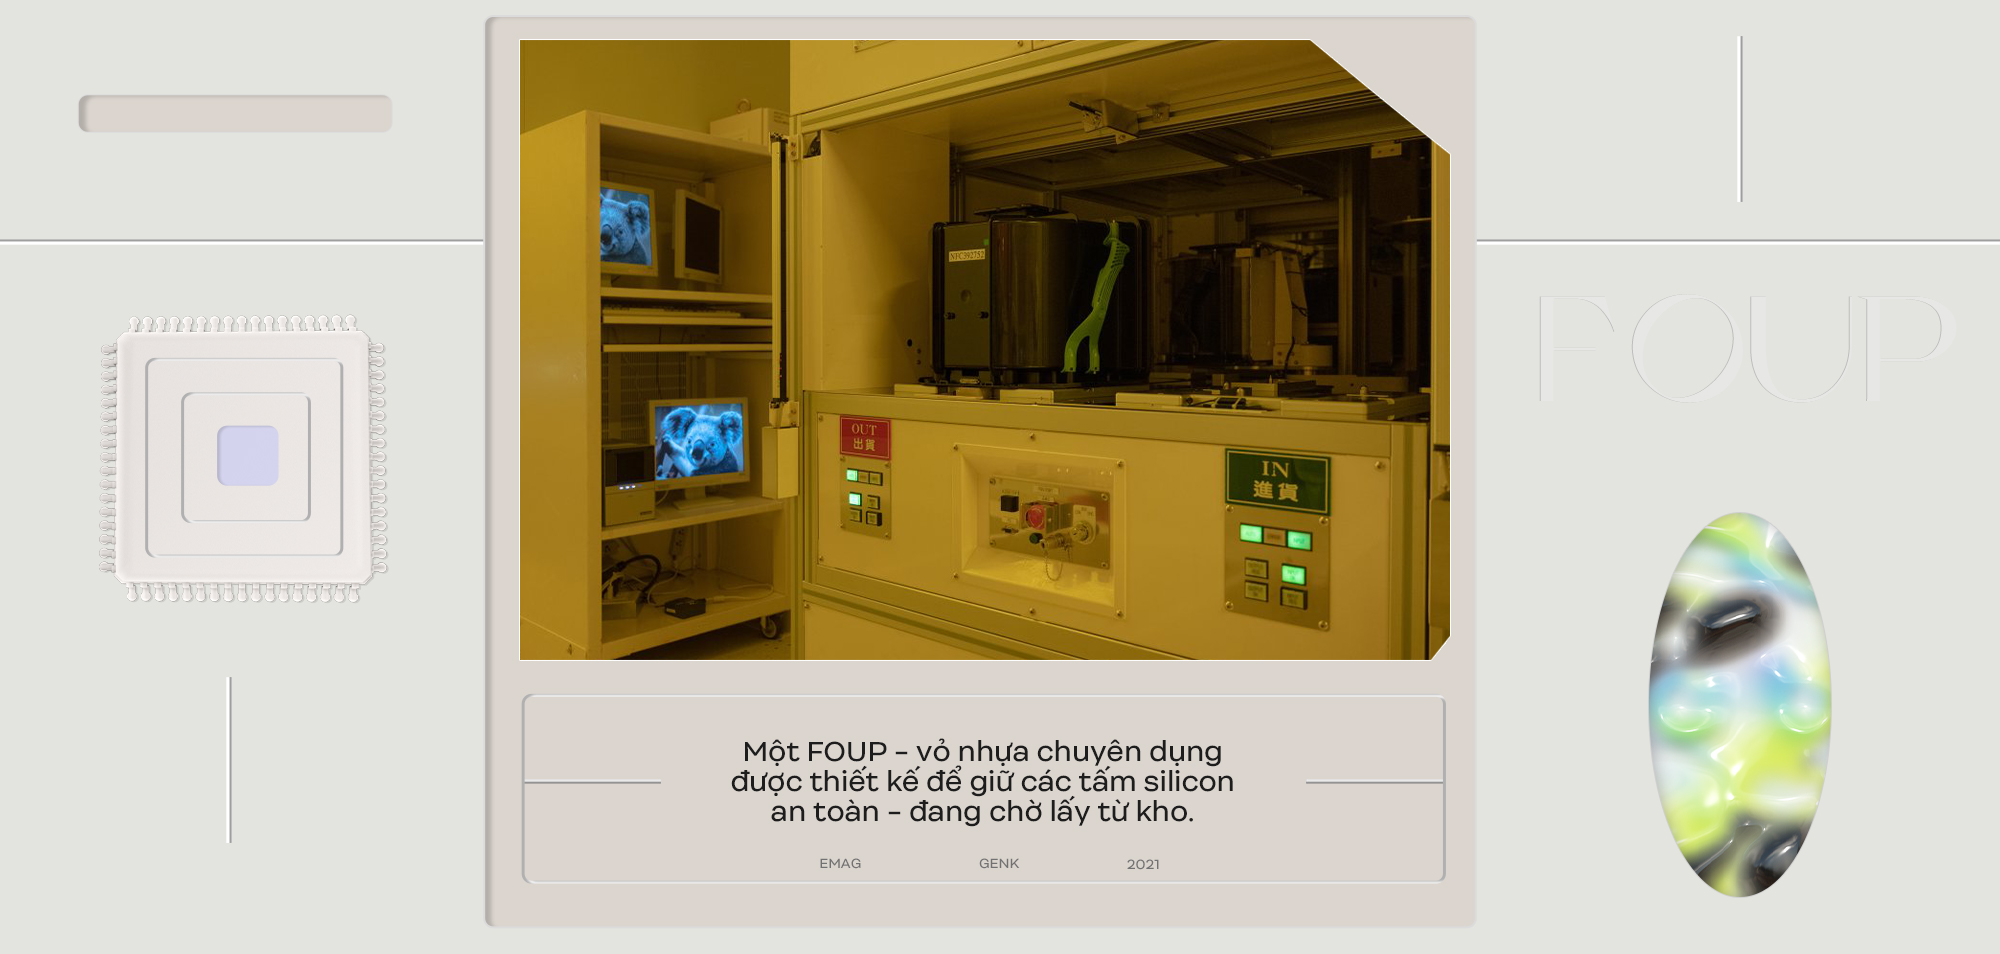 Những câu chuyện ít biết về TSMC - trung tâm của cuộc chạy đua công nghệ bán dẫn toàn cầu - Ảnh 8.